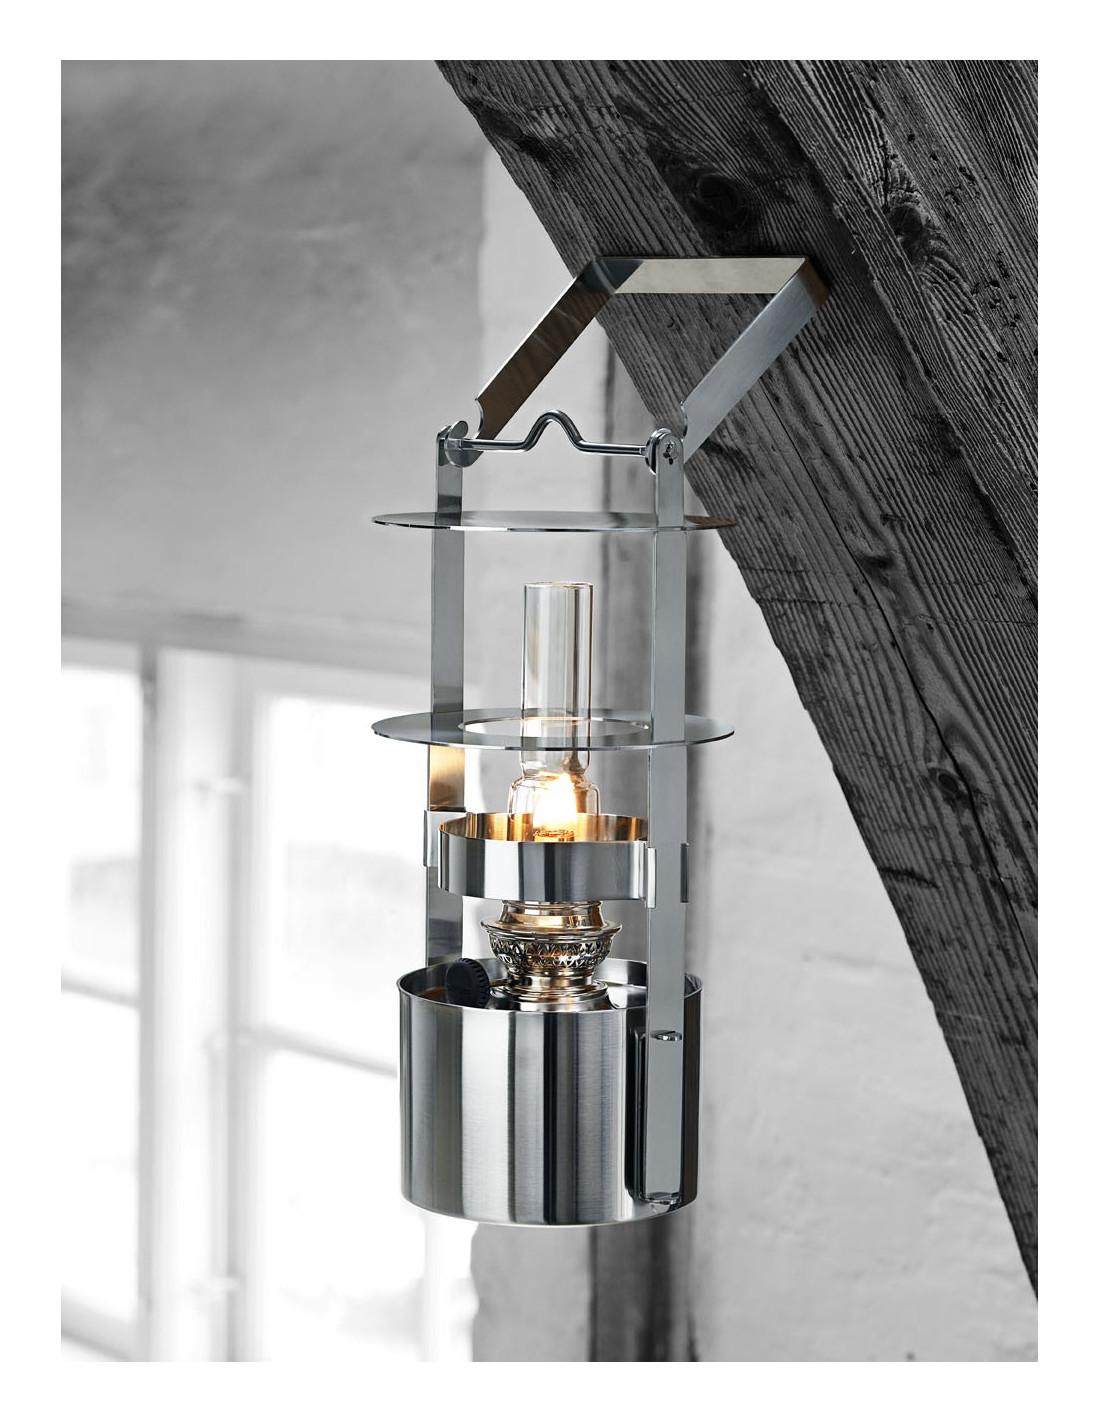 Stelton Oil Lamp Erik Magnussen Design La Boutique Danoise